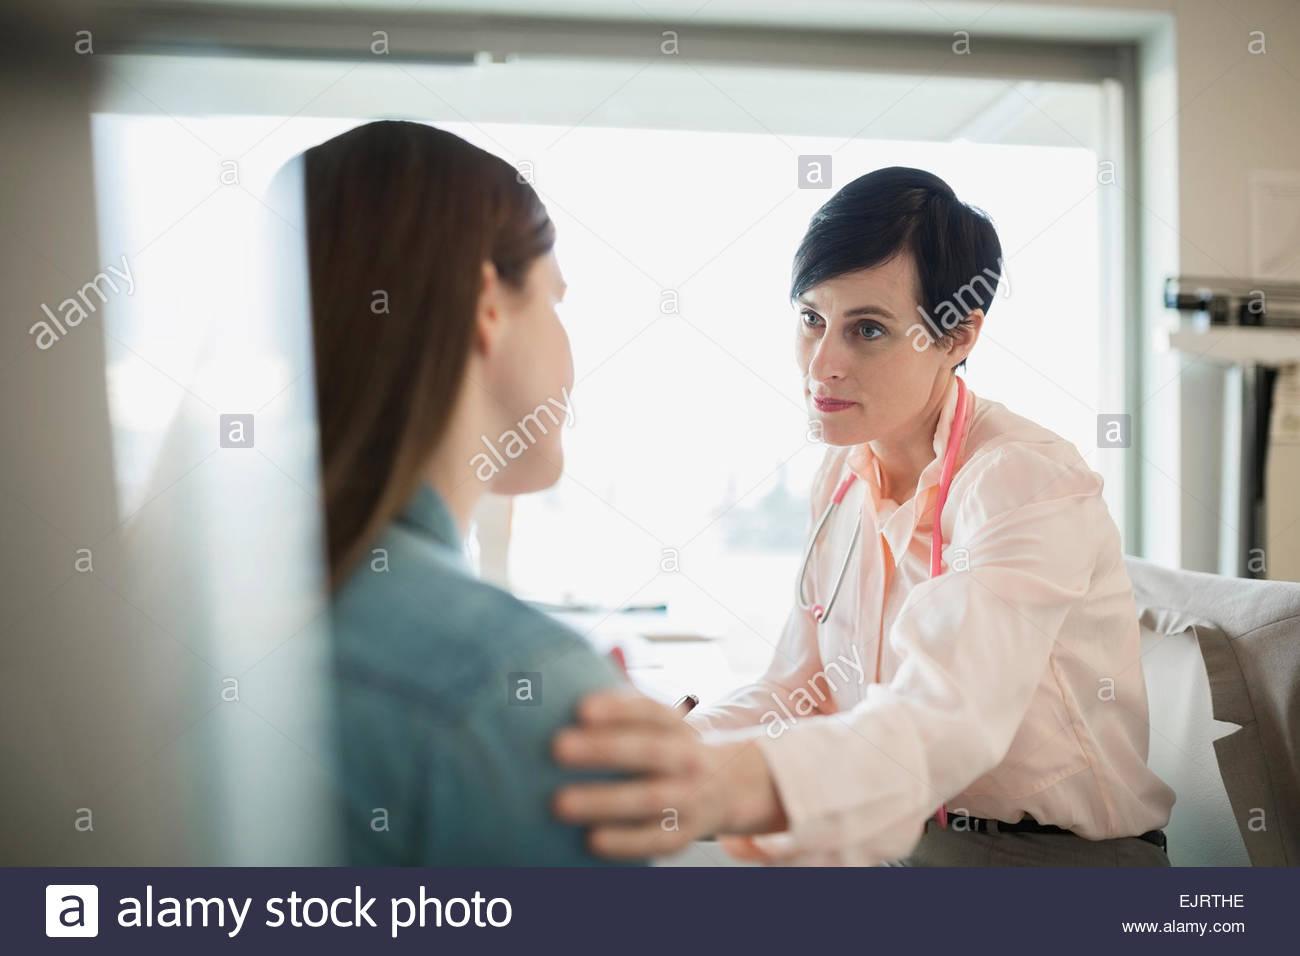 El cuidado médico en la clínica del paciente consoladora office Imagen De Stock